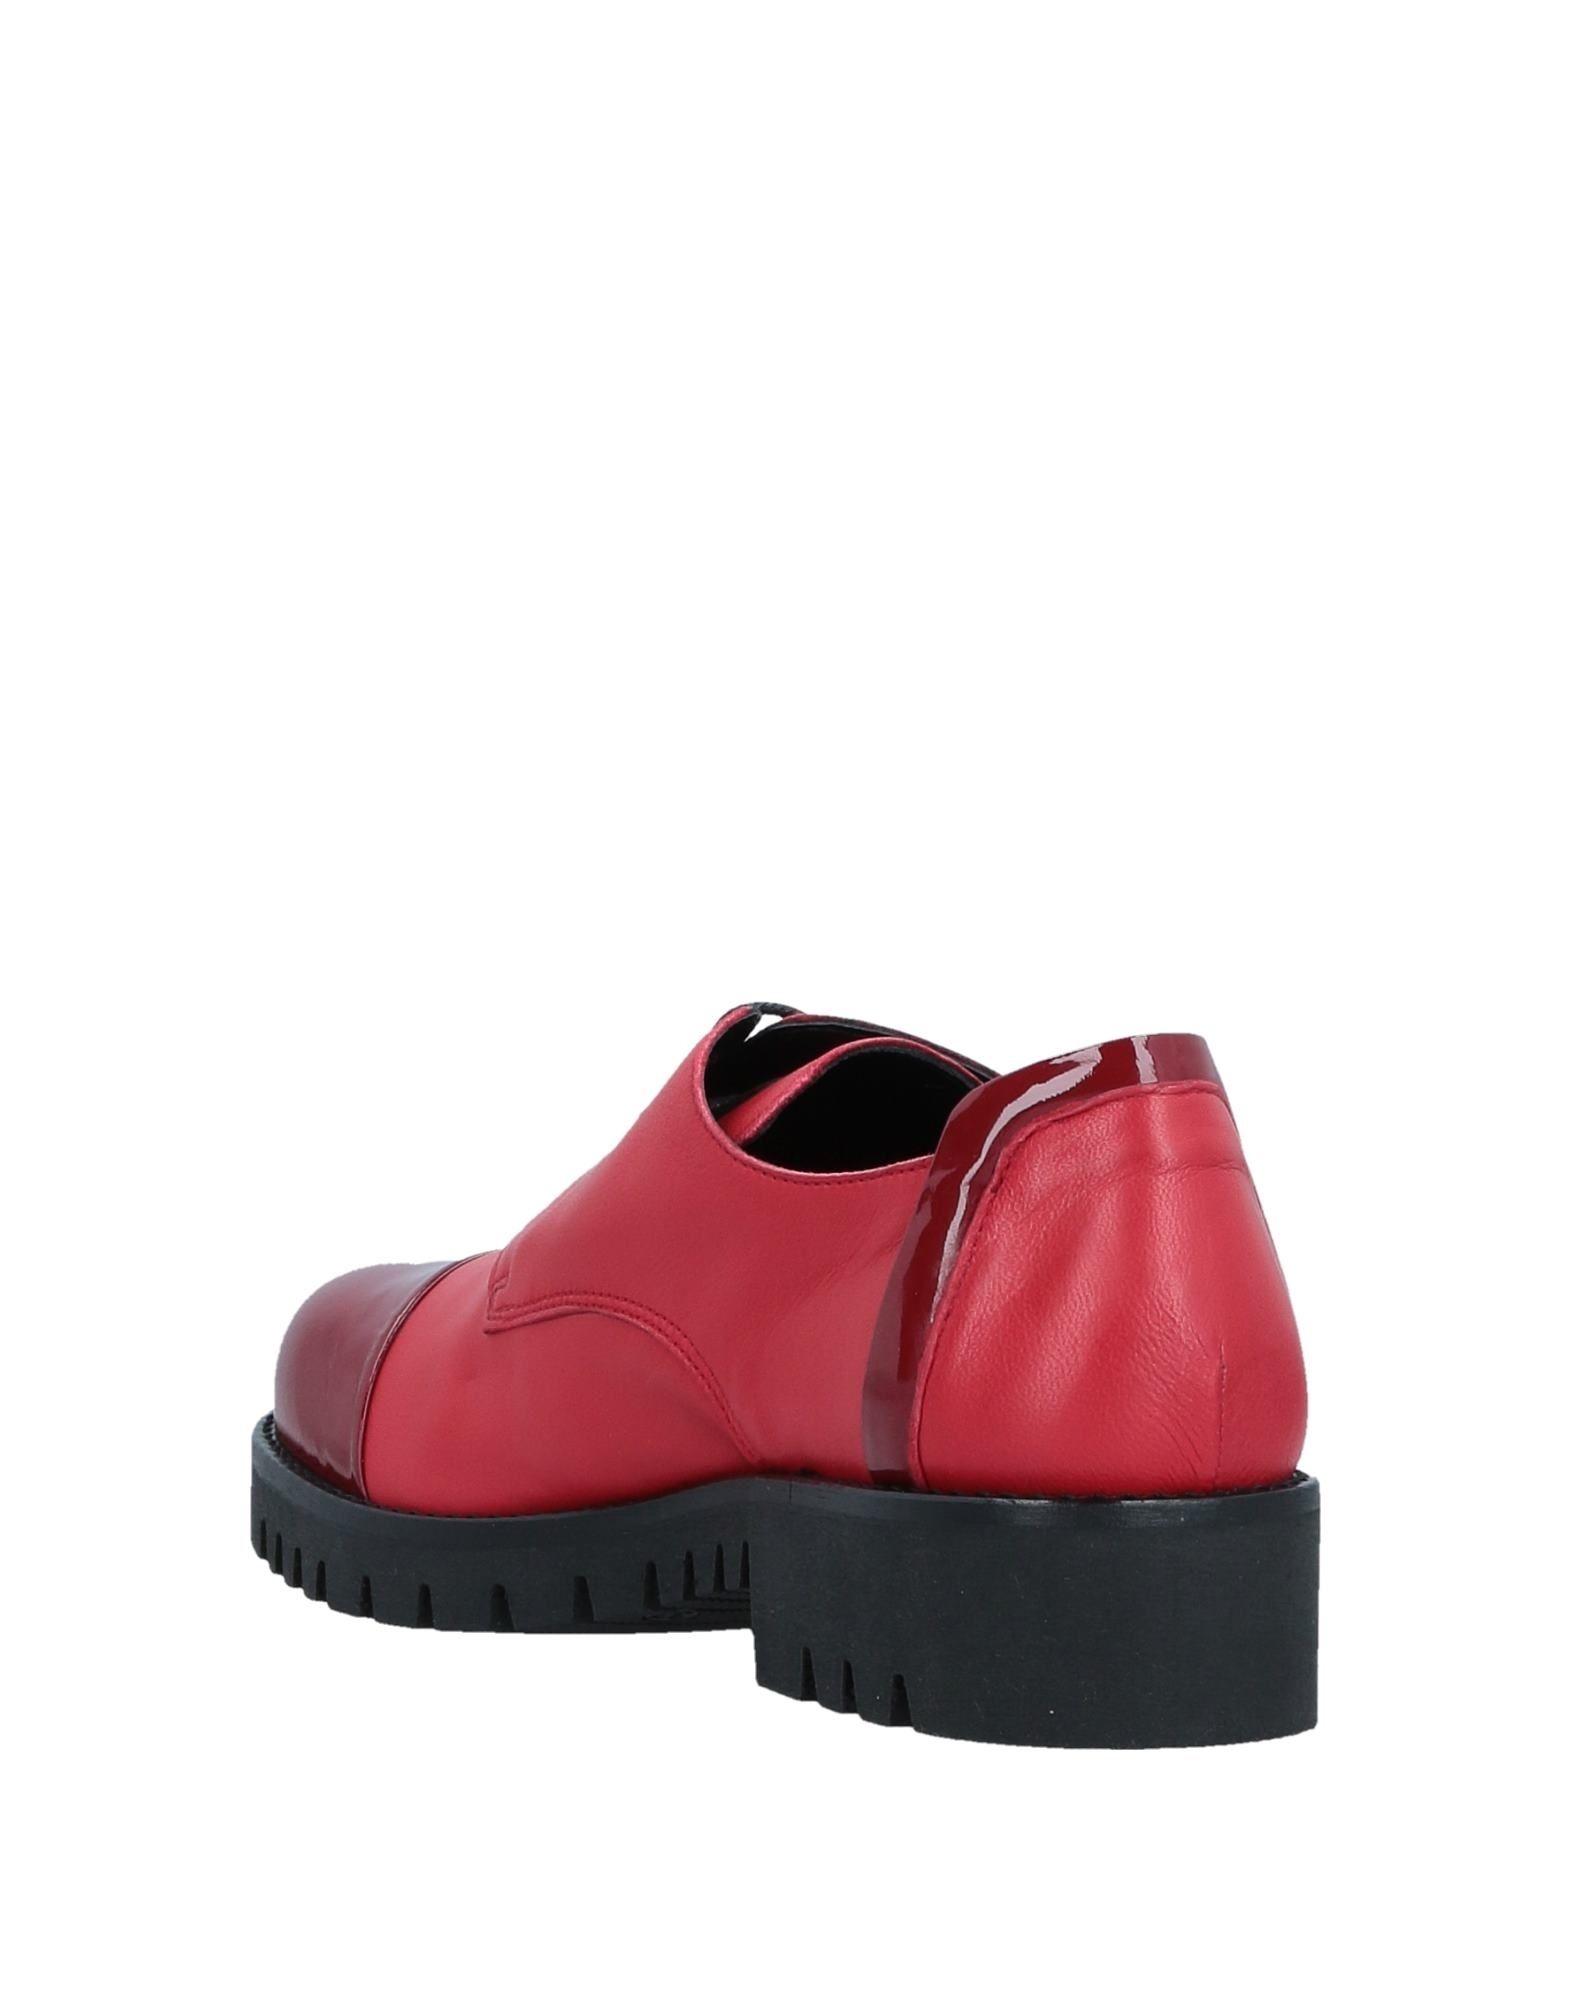 Gut um Schnürschuhe billige Schuhe zu tragenFiorifrancesi Schnürschuhe um Damen  11522038SX 972114